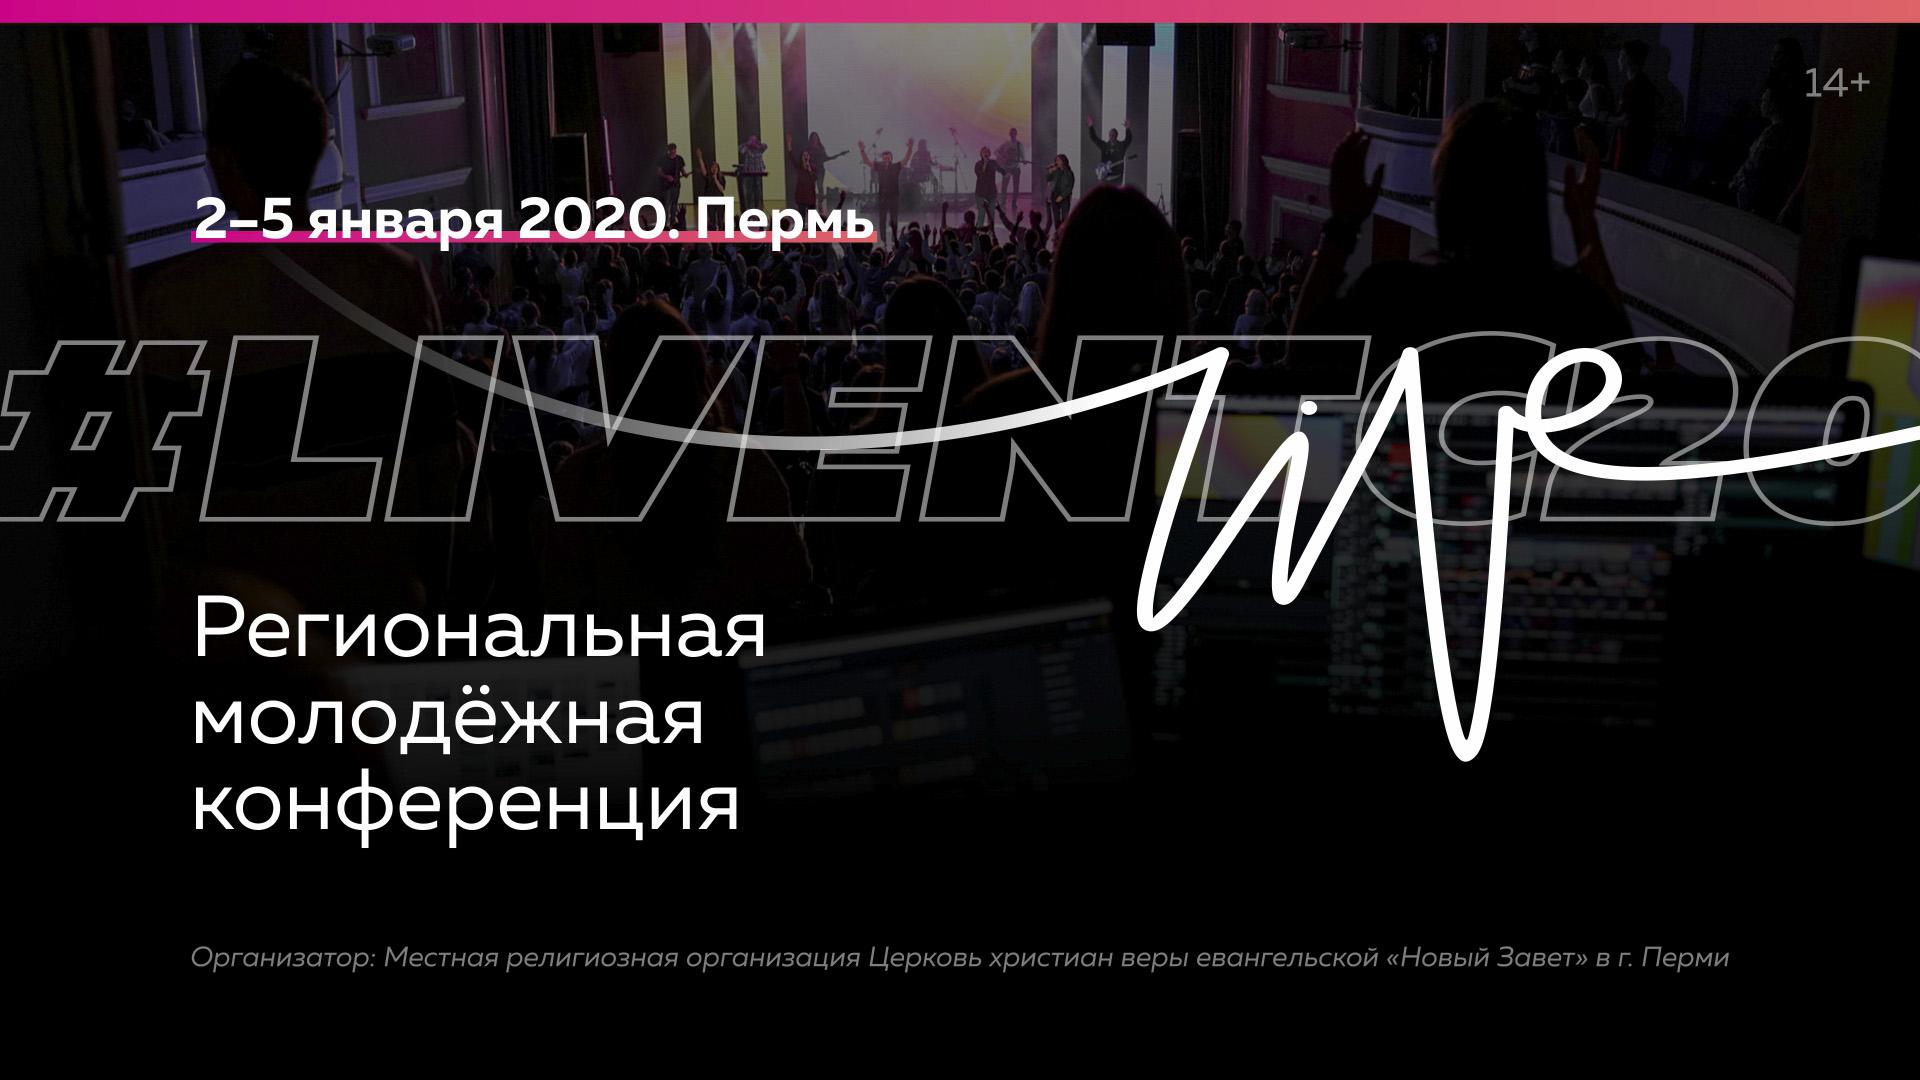 Приглашаем на молодёжную конференцию в Пермь